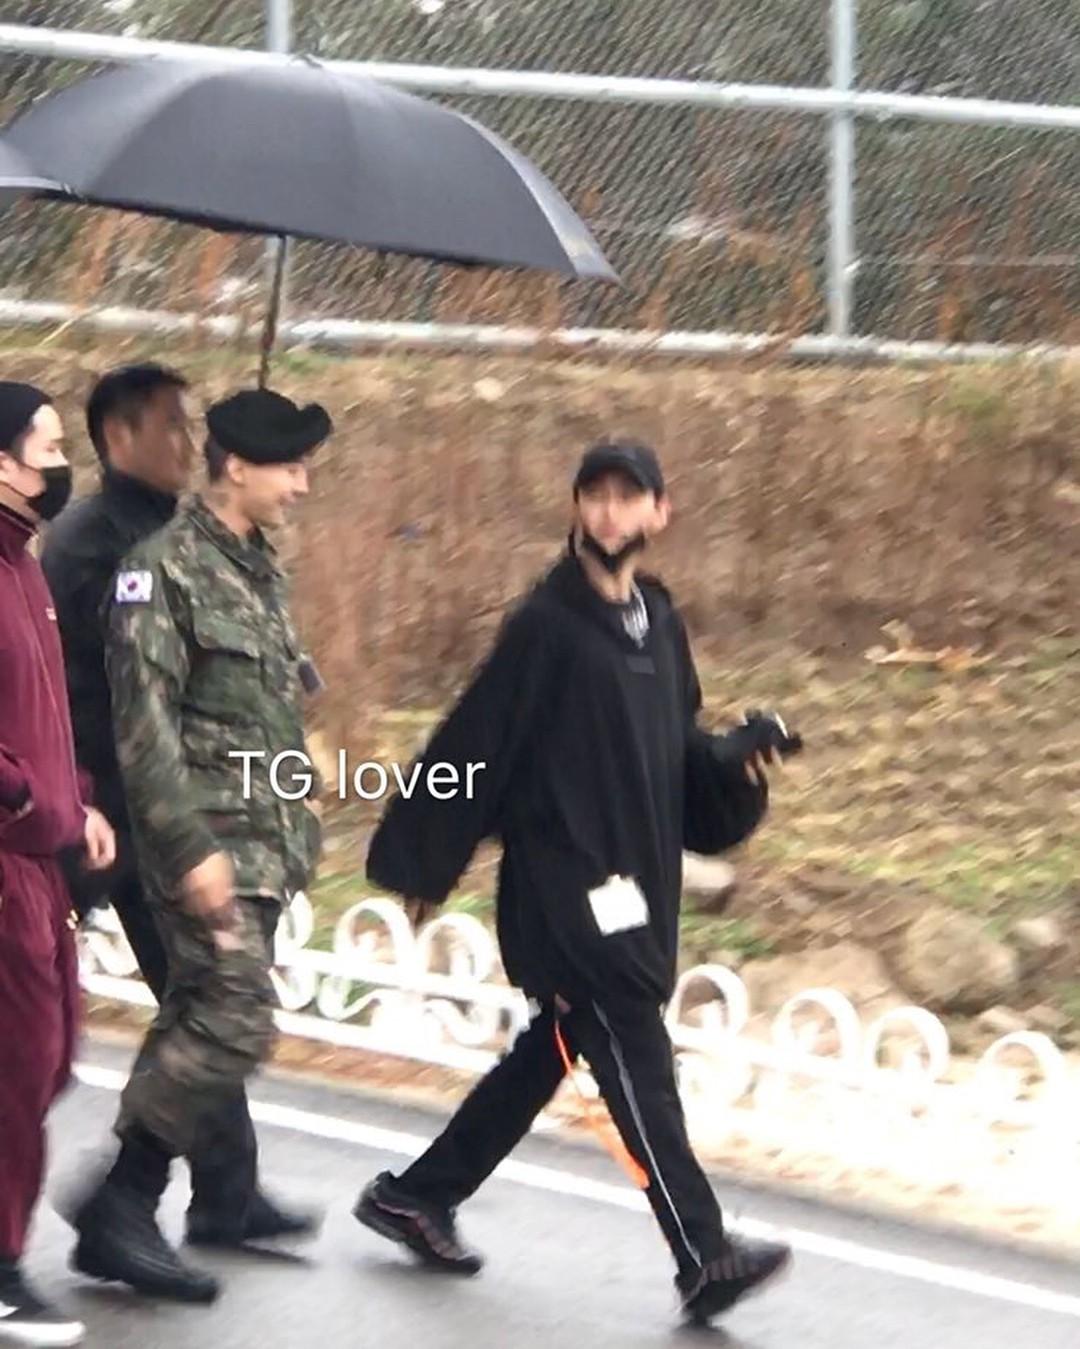 Dân tình giật mình trước loạt ảnh G-Dragon hớn hở trong quân ngũ, Sơn Tùng M-TP đi ngay cạnh? - Ảnh 4.